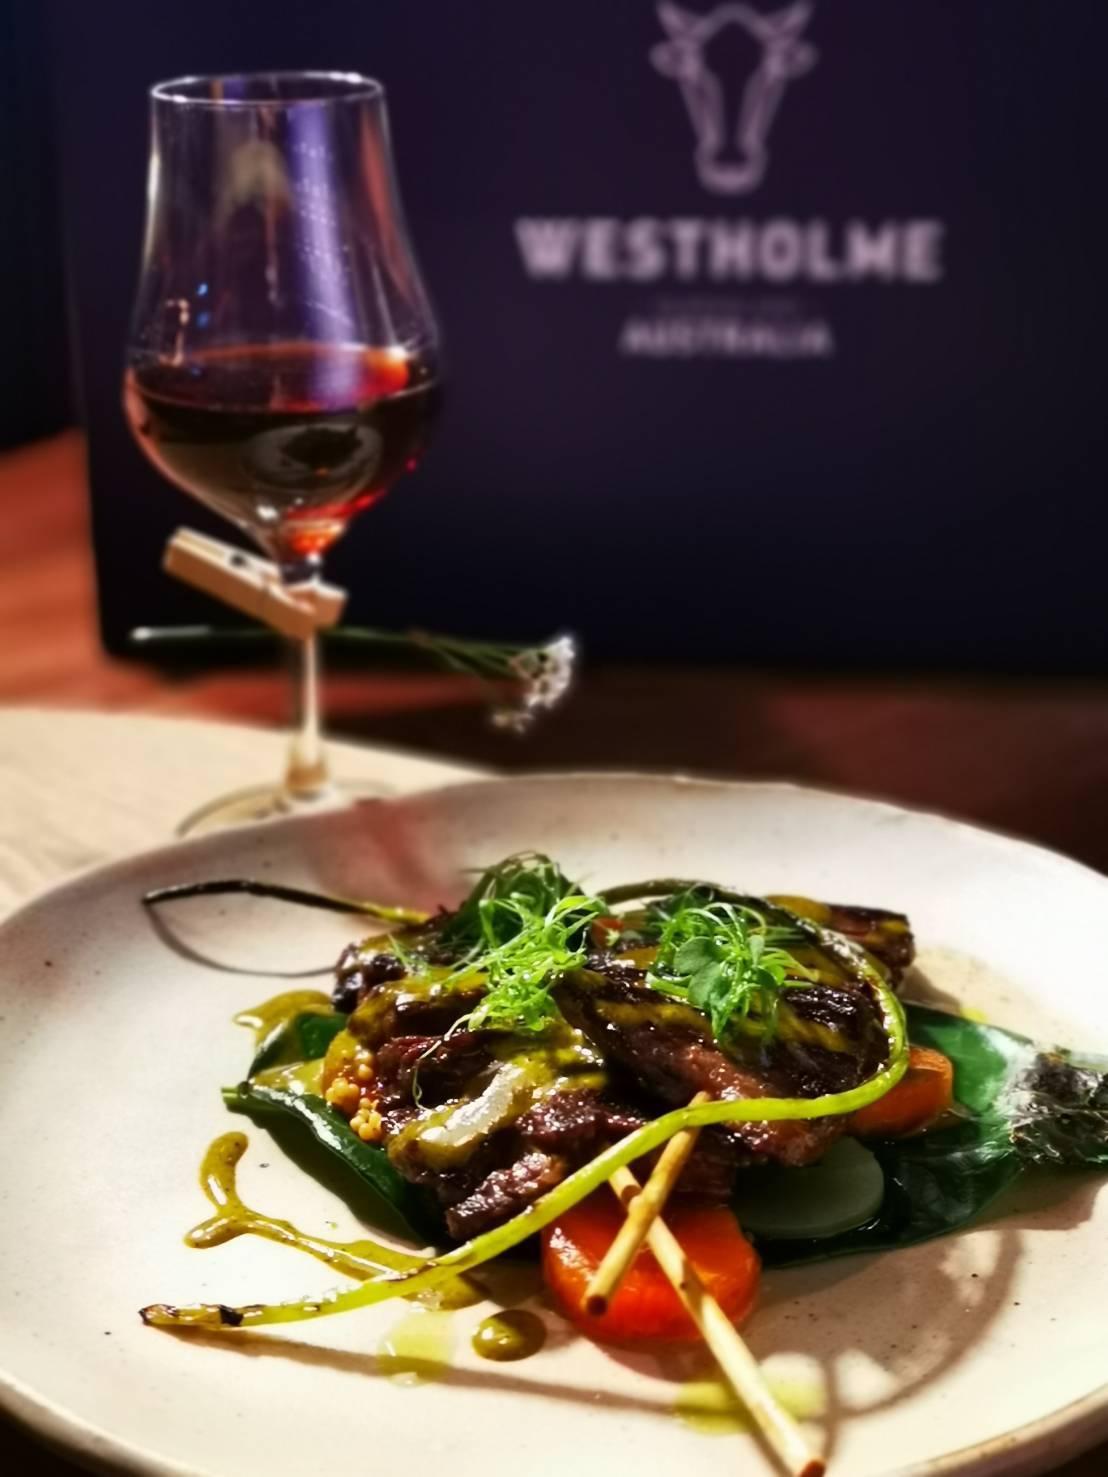 LONGTAIL 餐廳酒吧主廚林明健,選用Westholme橫膈膜部位,經由高溫...